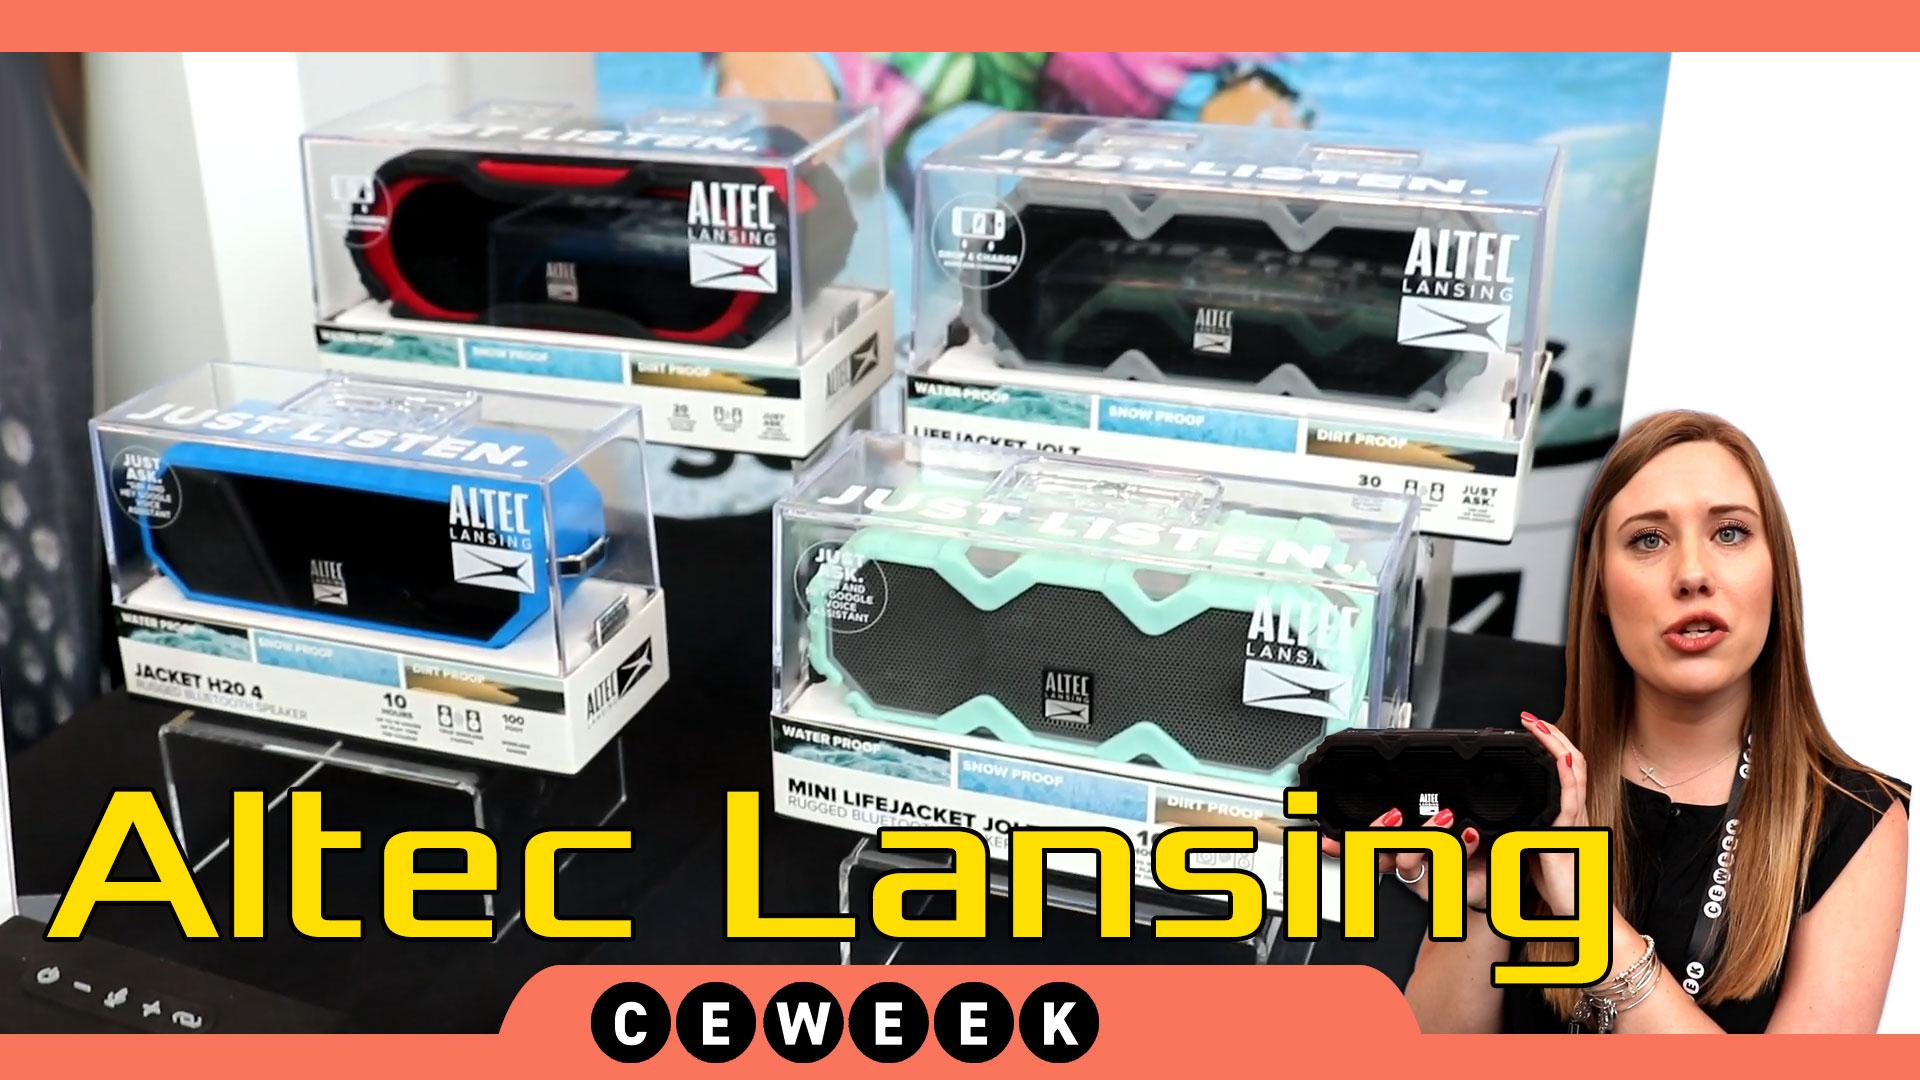 Altec Lansing CE Week 2018